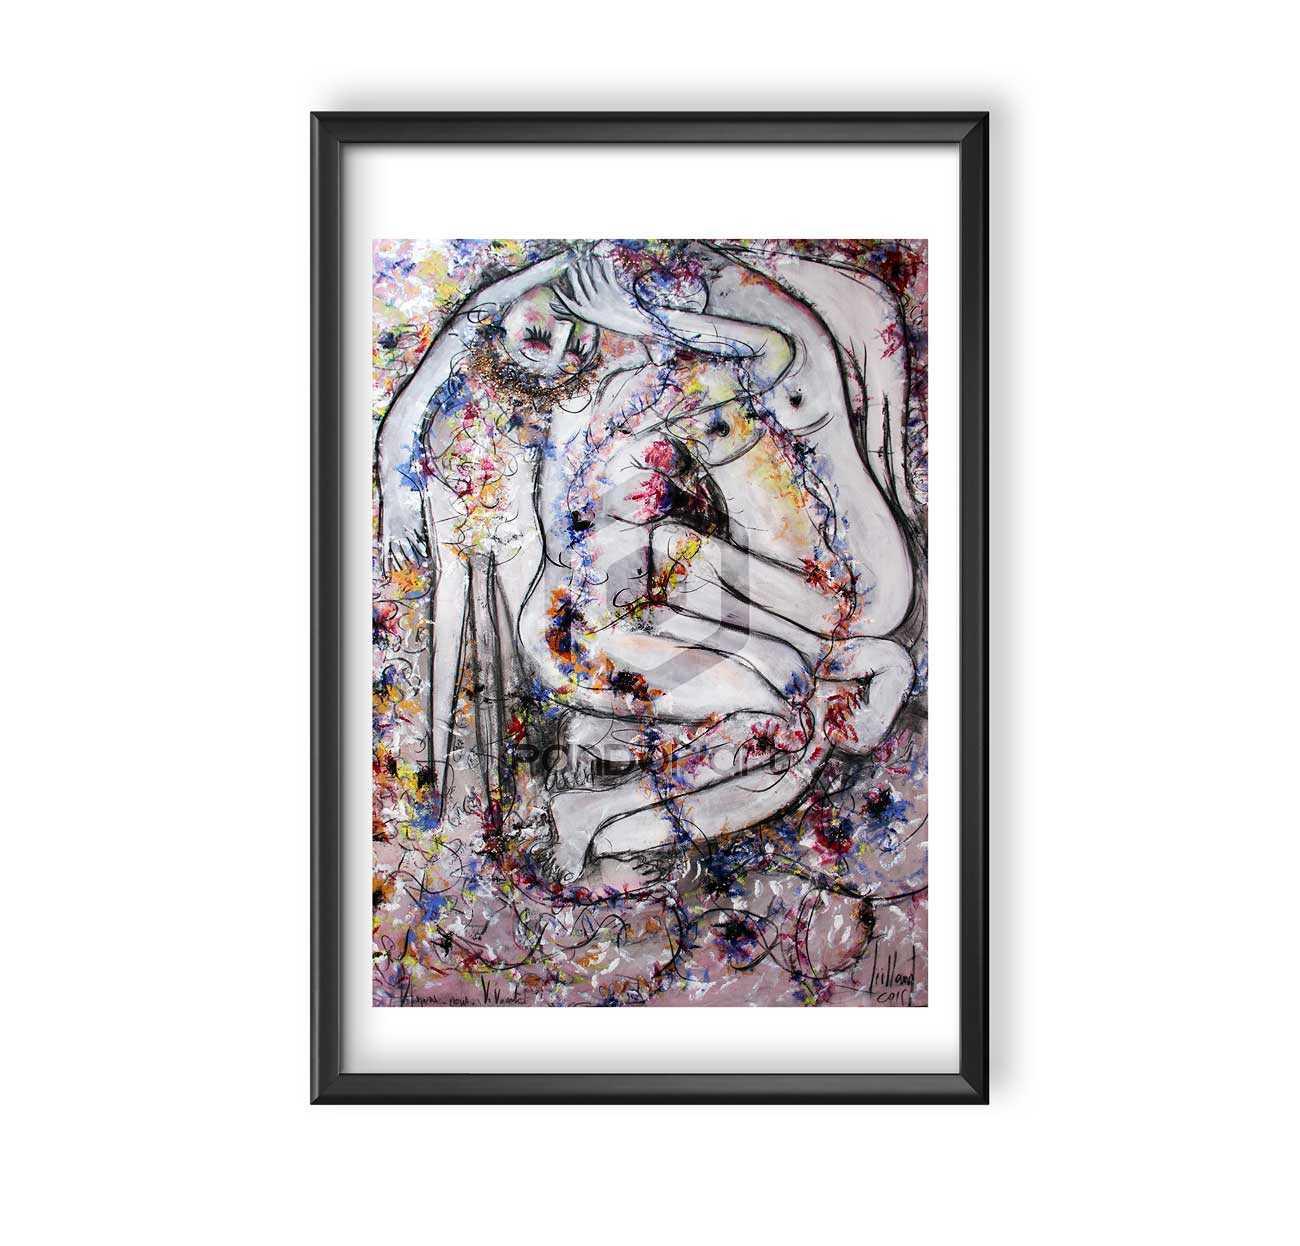 Emilie Teillaud Aimons-nous-vivants-cadre-45x60